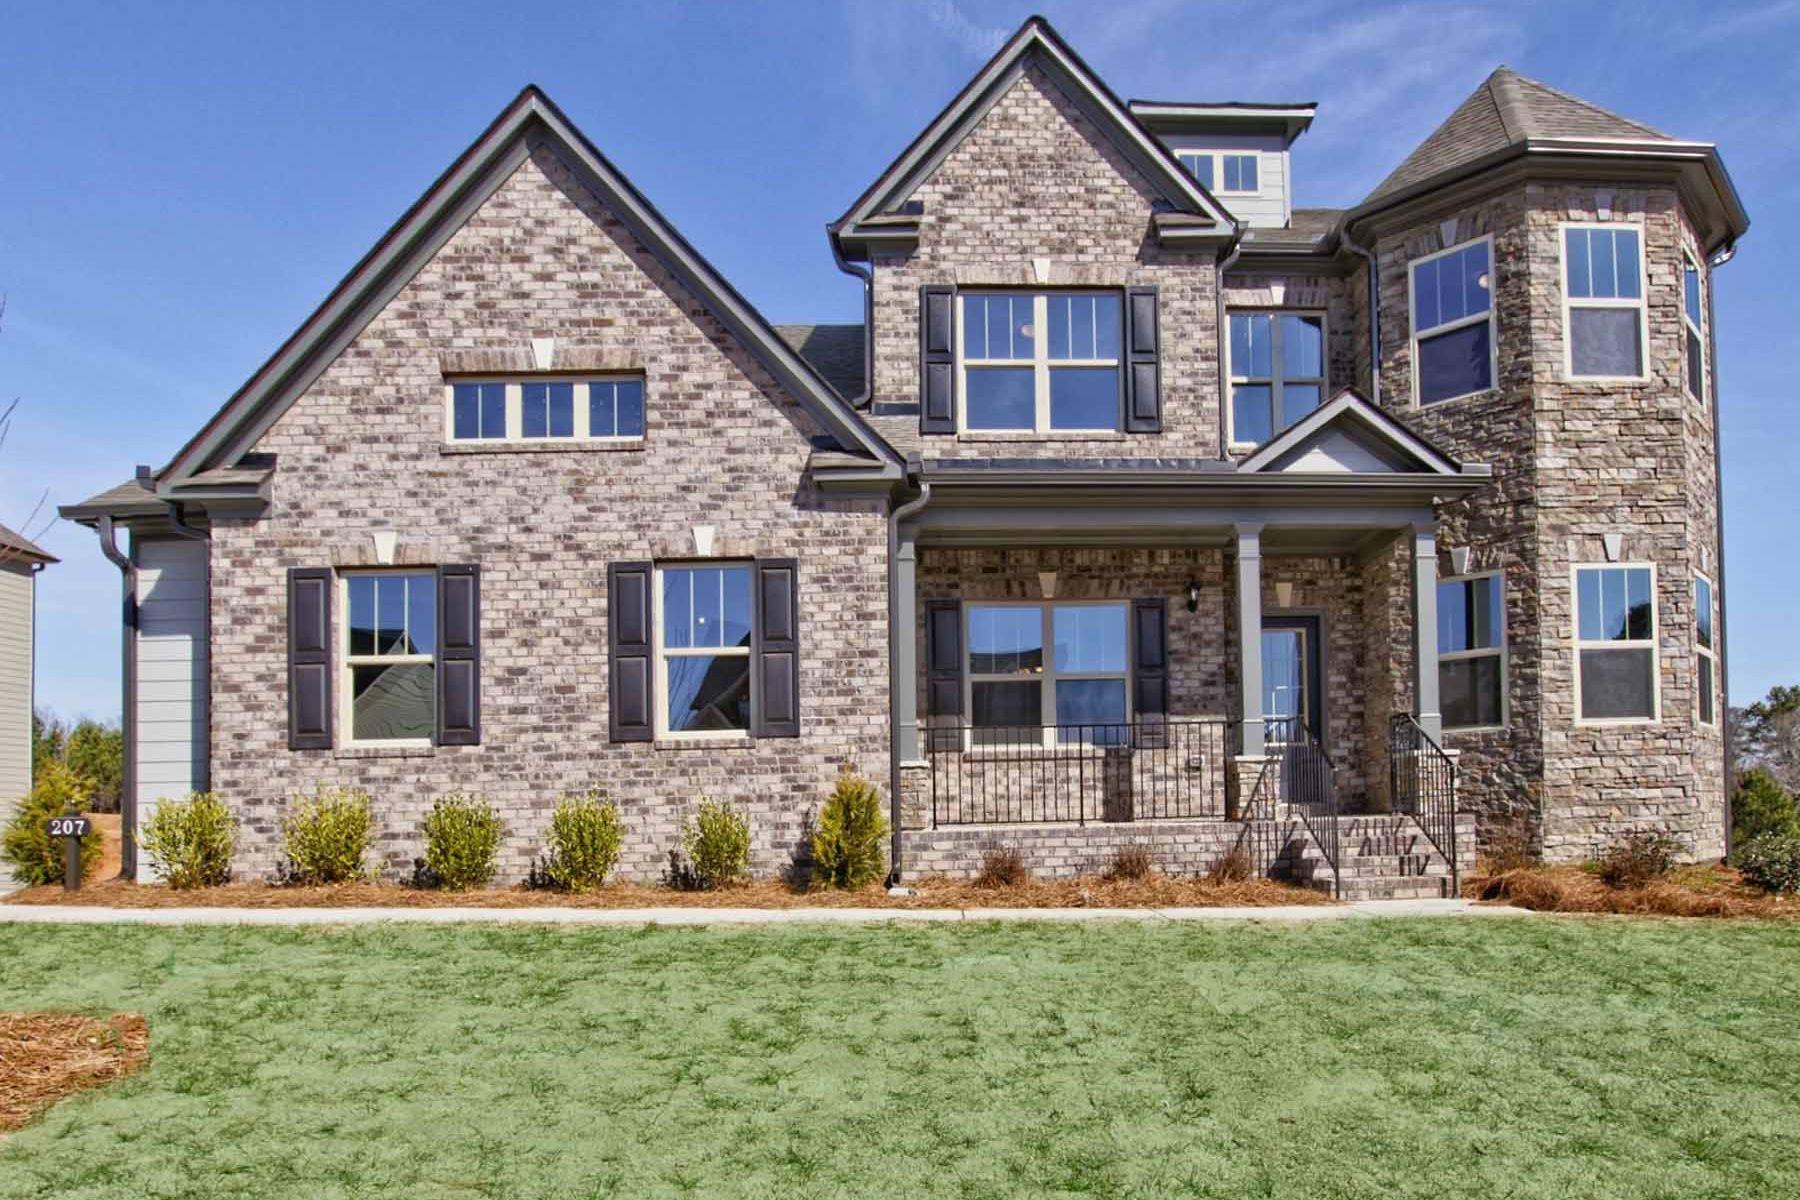 Tek Ailelik Ev için Satış at 100% Energy Star Certified New Construction 207 Wilde Oak Court Canton, Georgia, 30115 Amerika Birleşik Devletleri